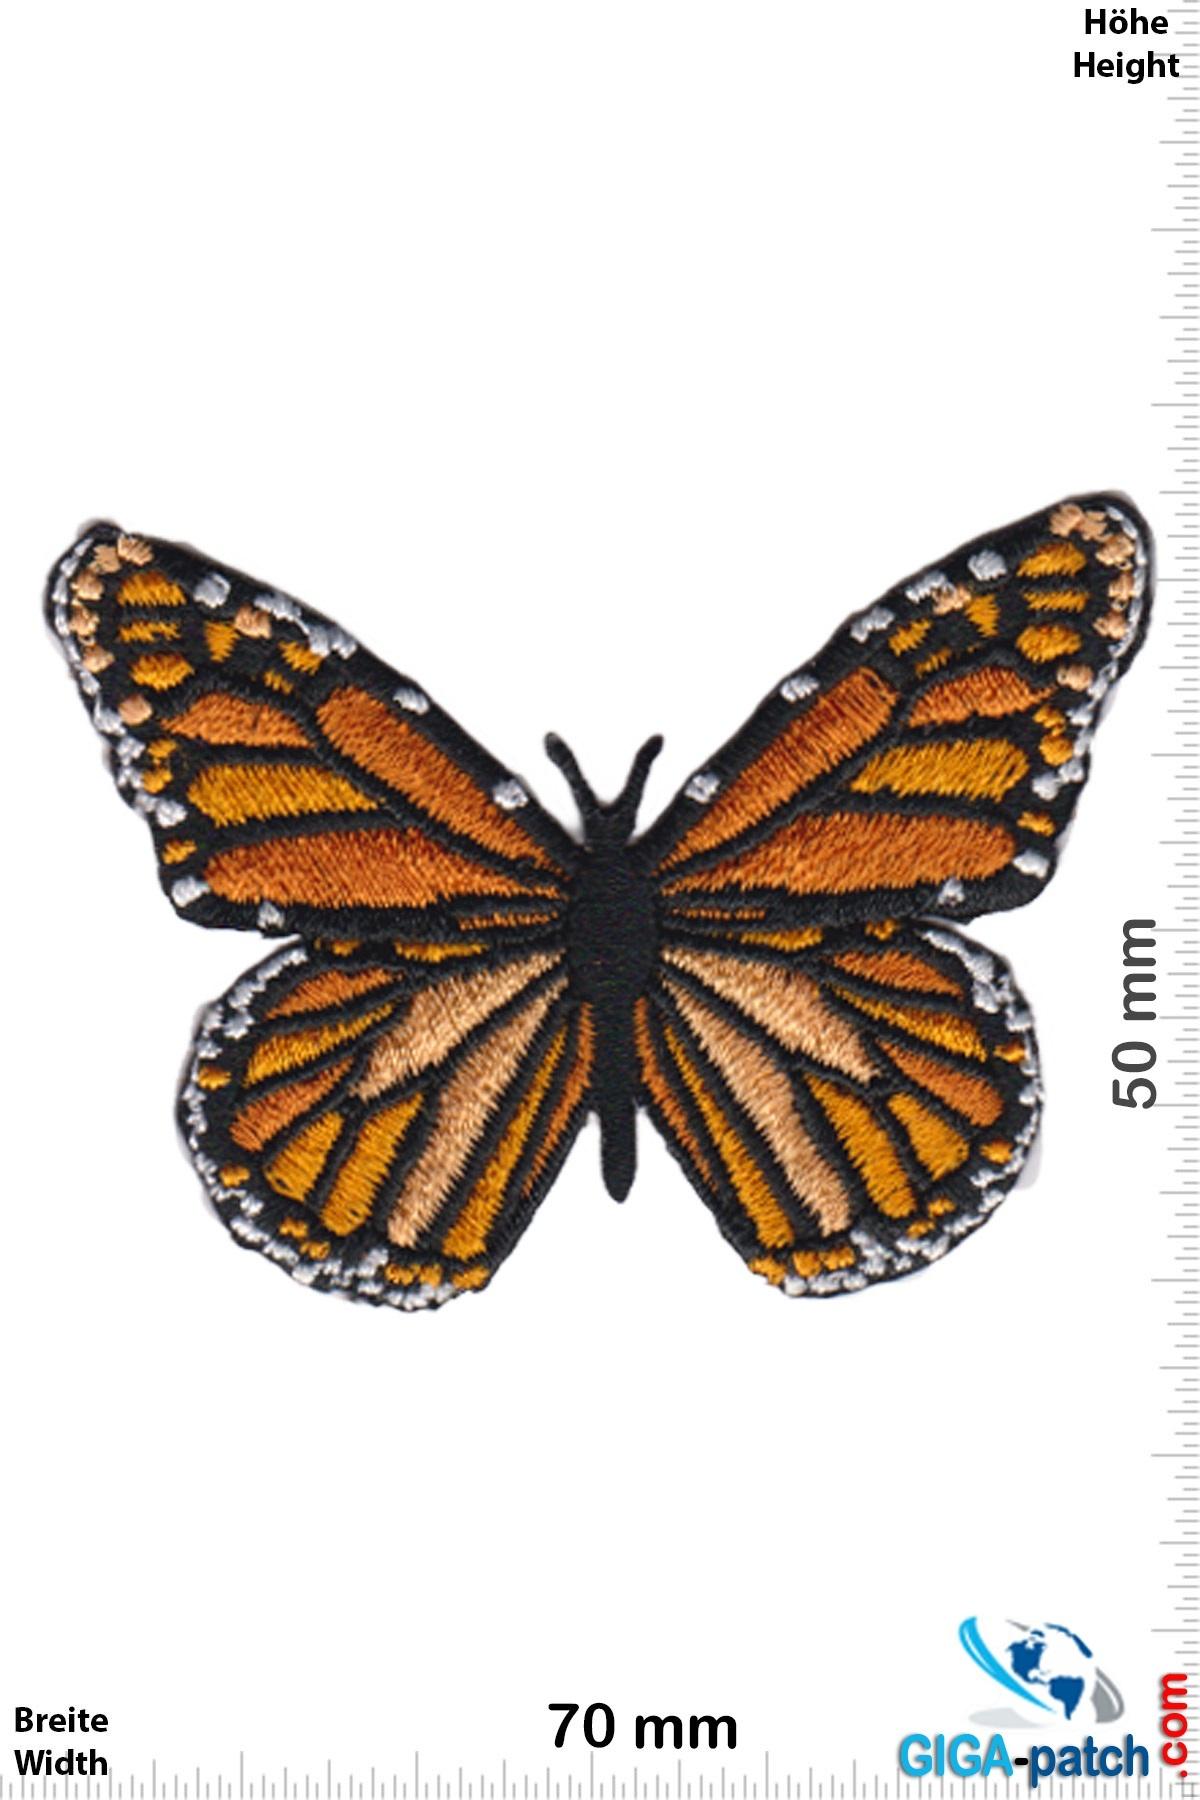 Schmetterling Butterfly -yellow orange black